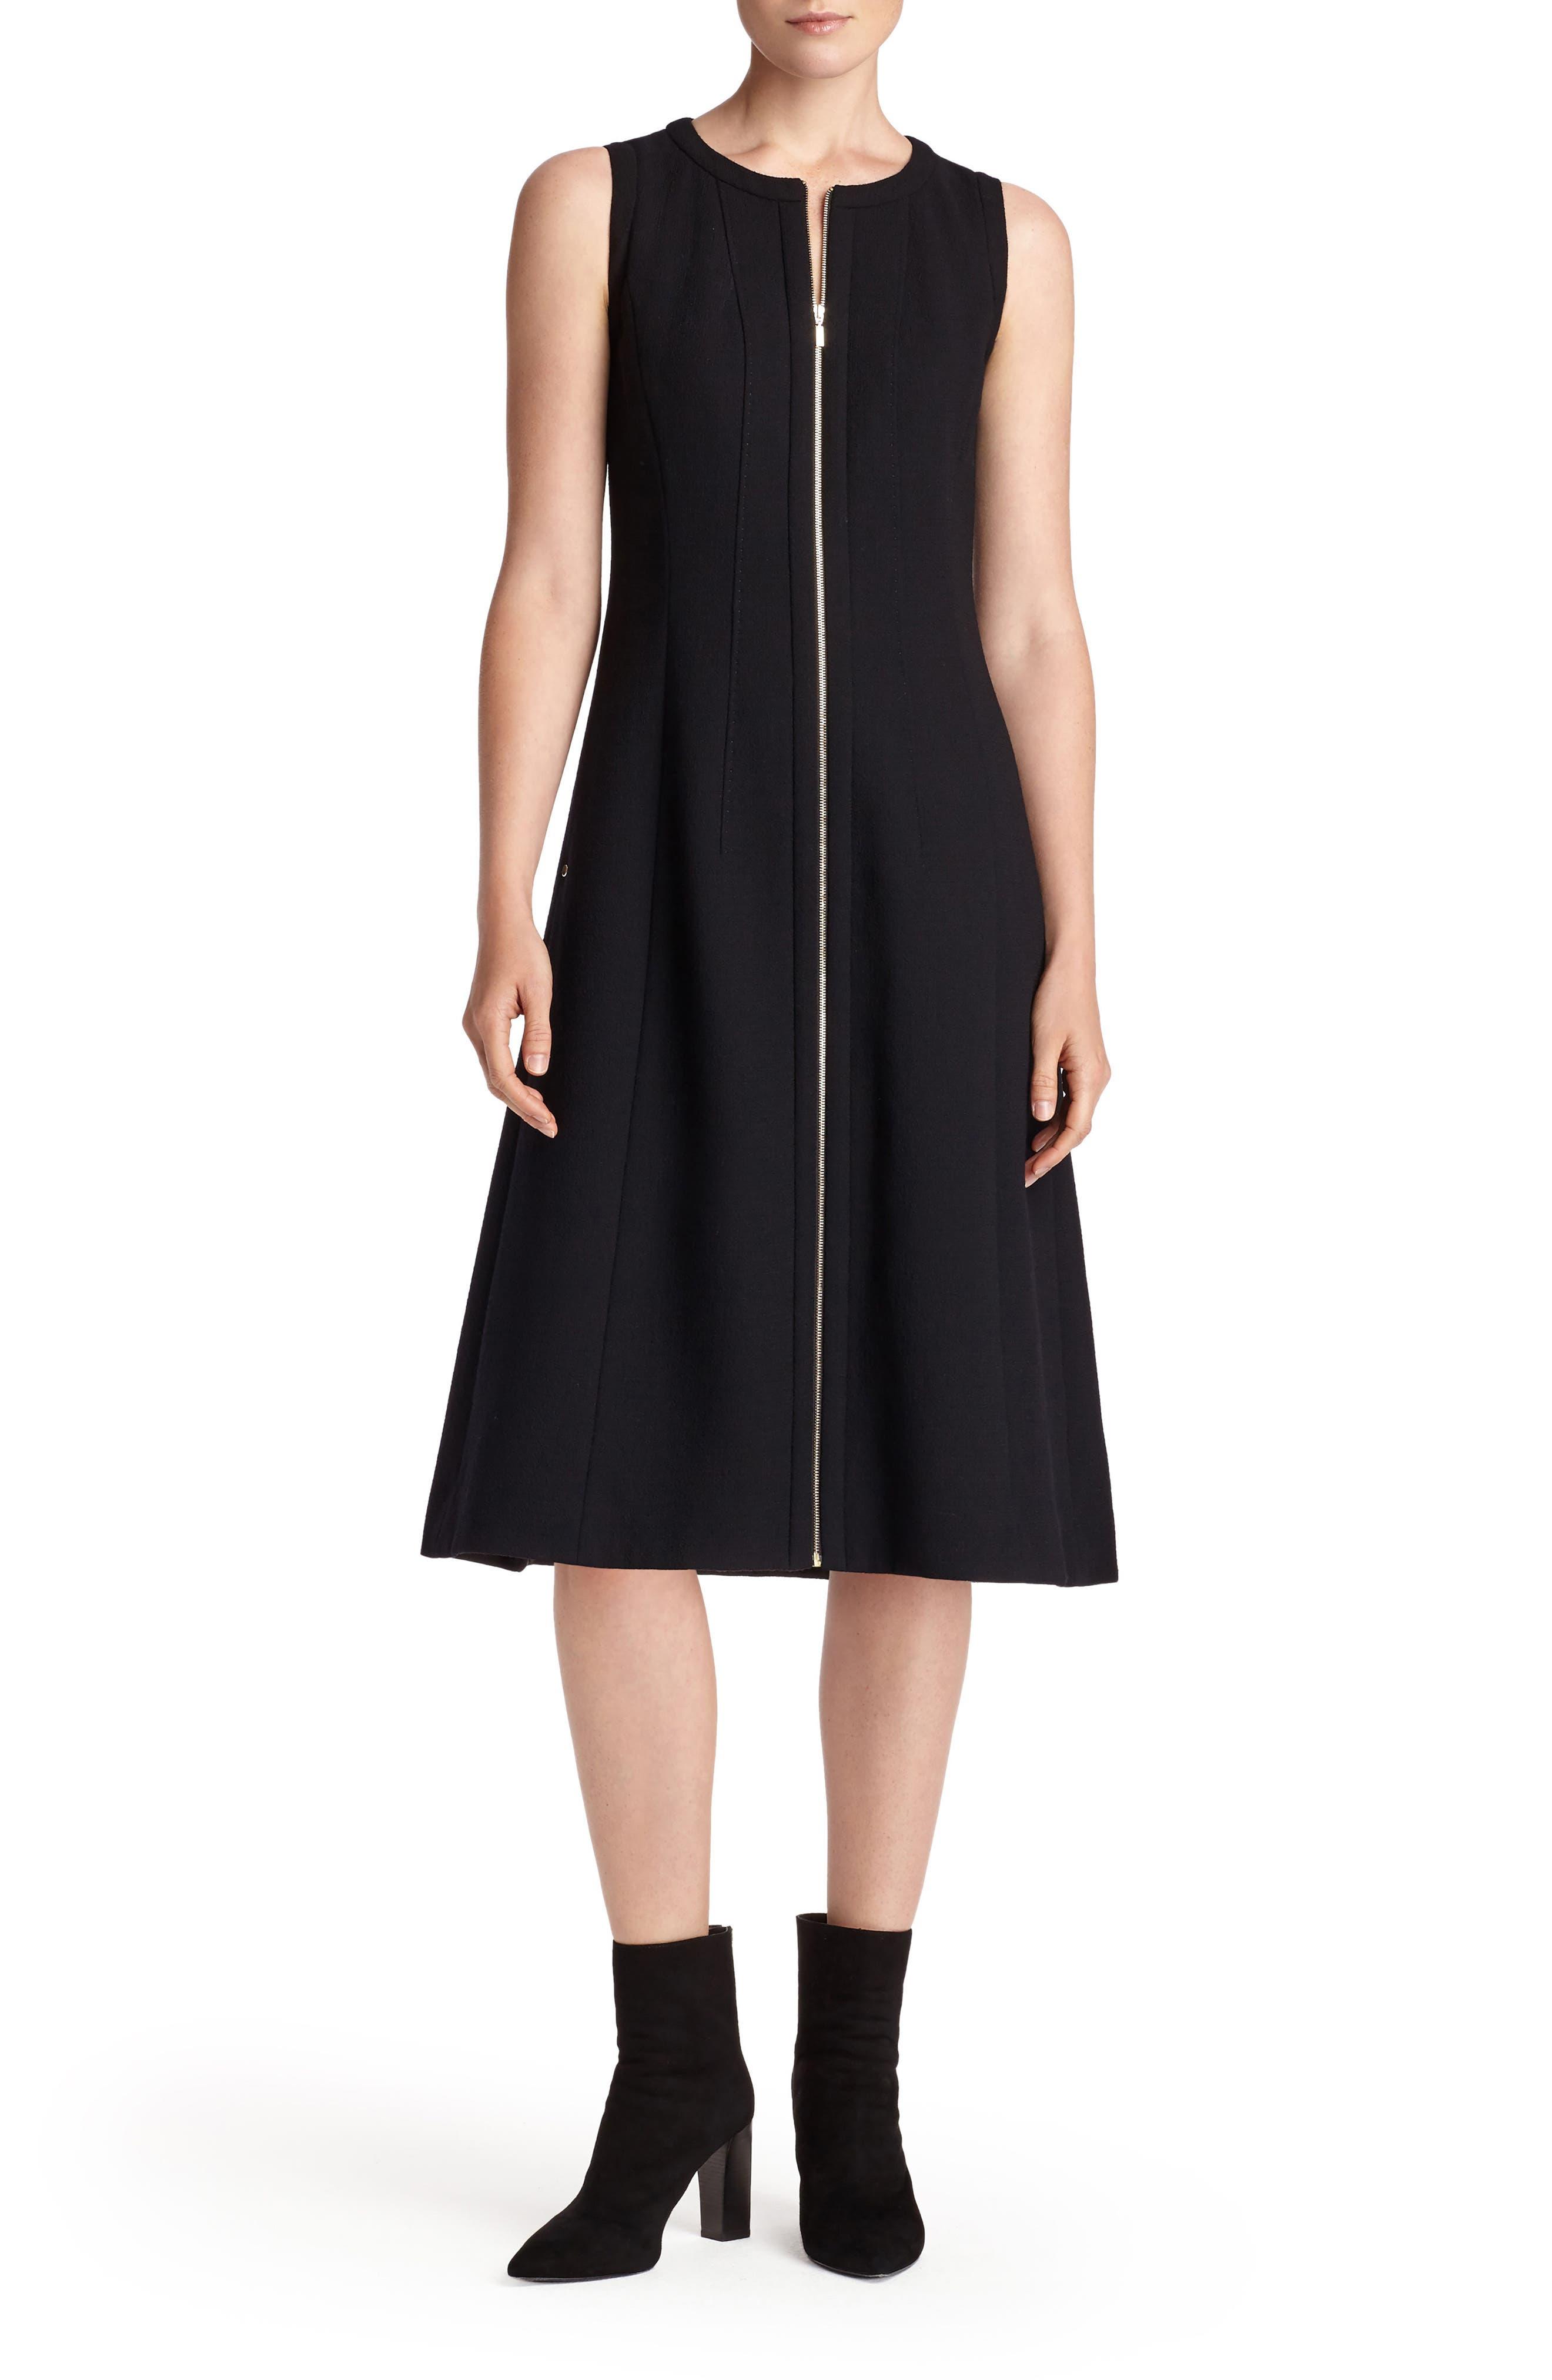 Celinda Nouveau Crepe Dress,                         Main,                         color, Black